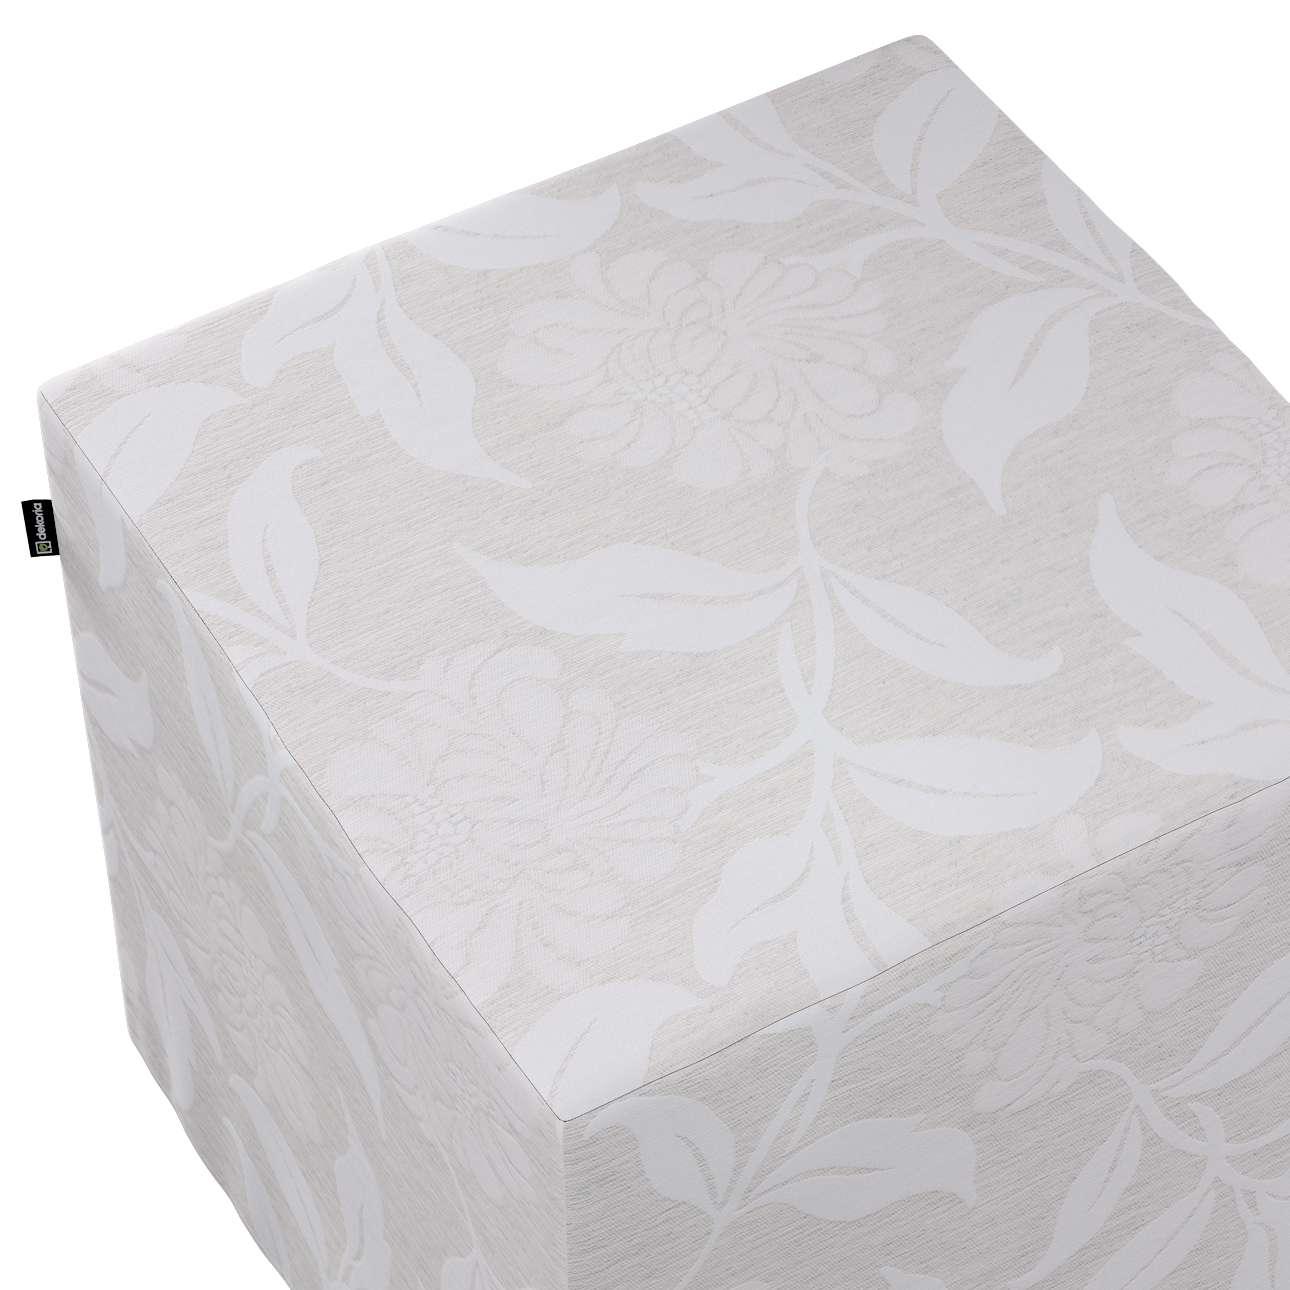 Taburetka tvrdá, kocka V kolekcii Venice, tkanina: 140-51